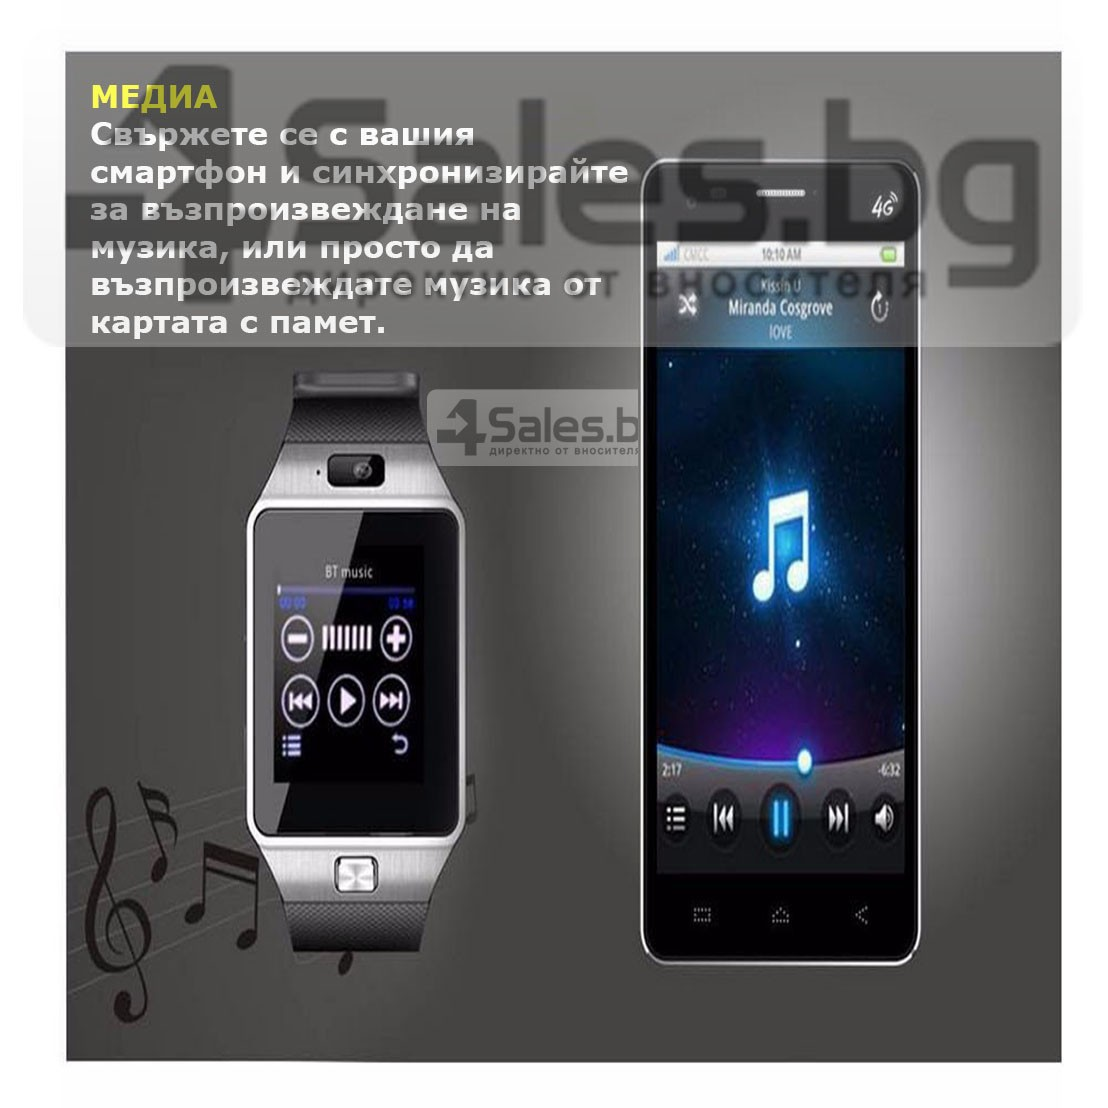 Смарт Часовник телефон с камера и сим карта Оригинален продукт dz09 на Български 52